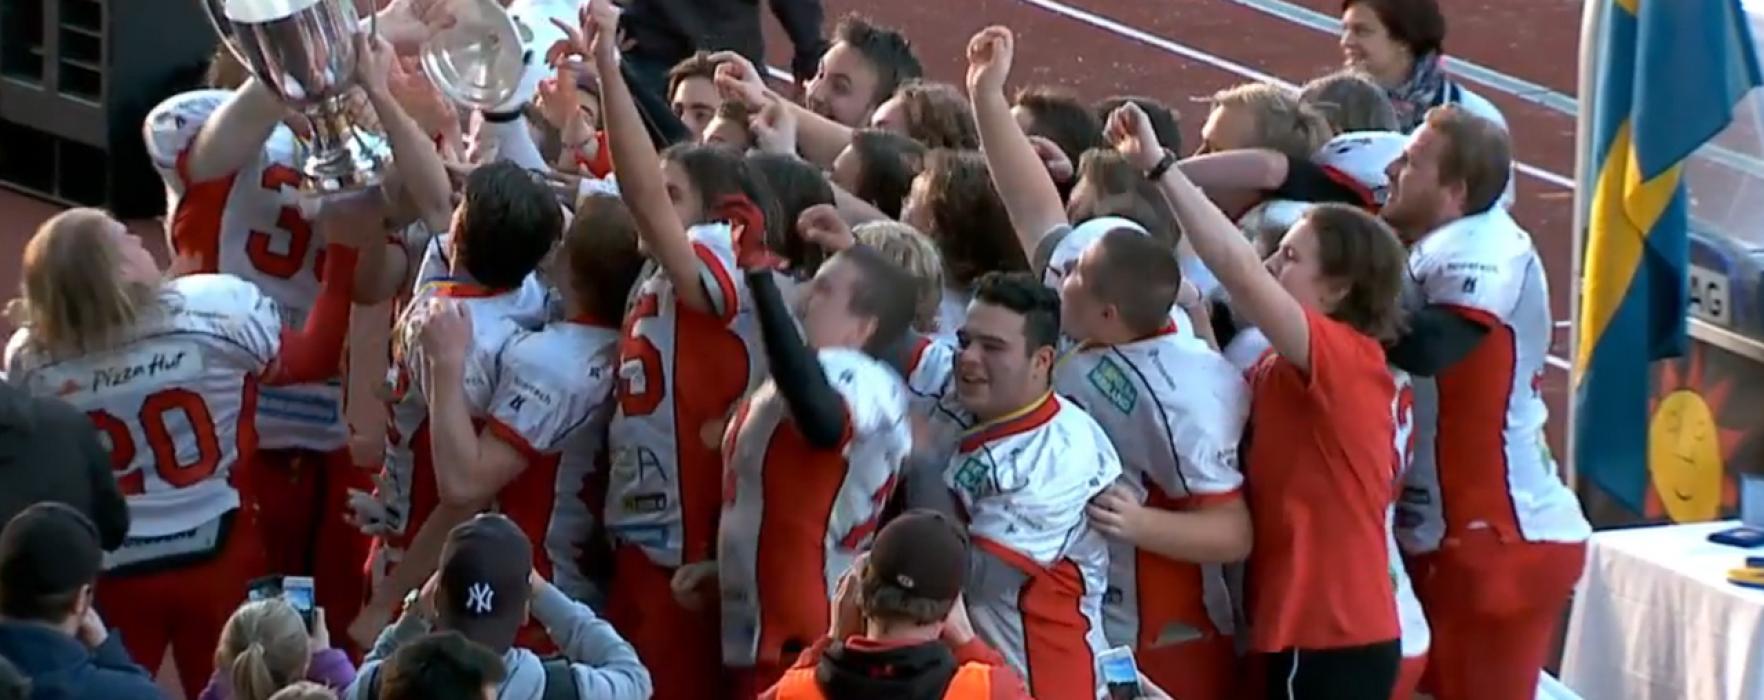 U19 SM-Final – Crusaders mot Predators – se hela matchen